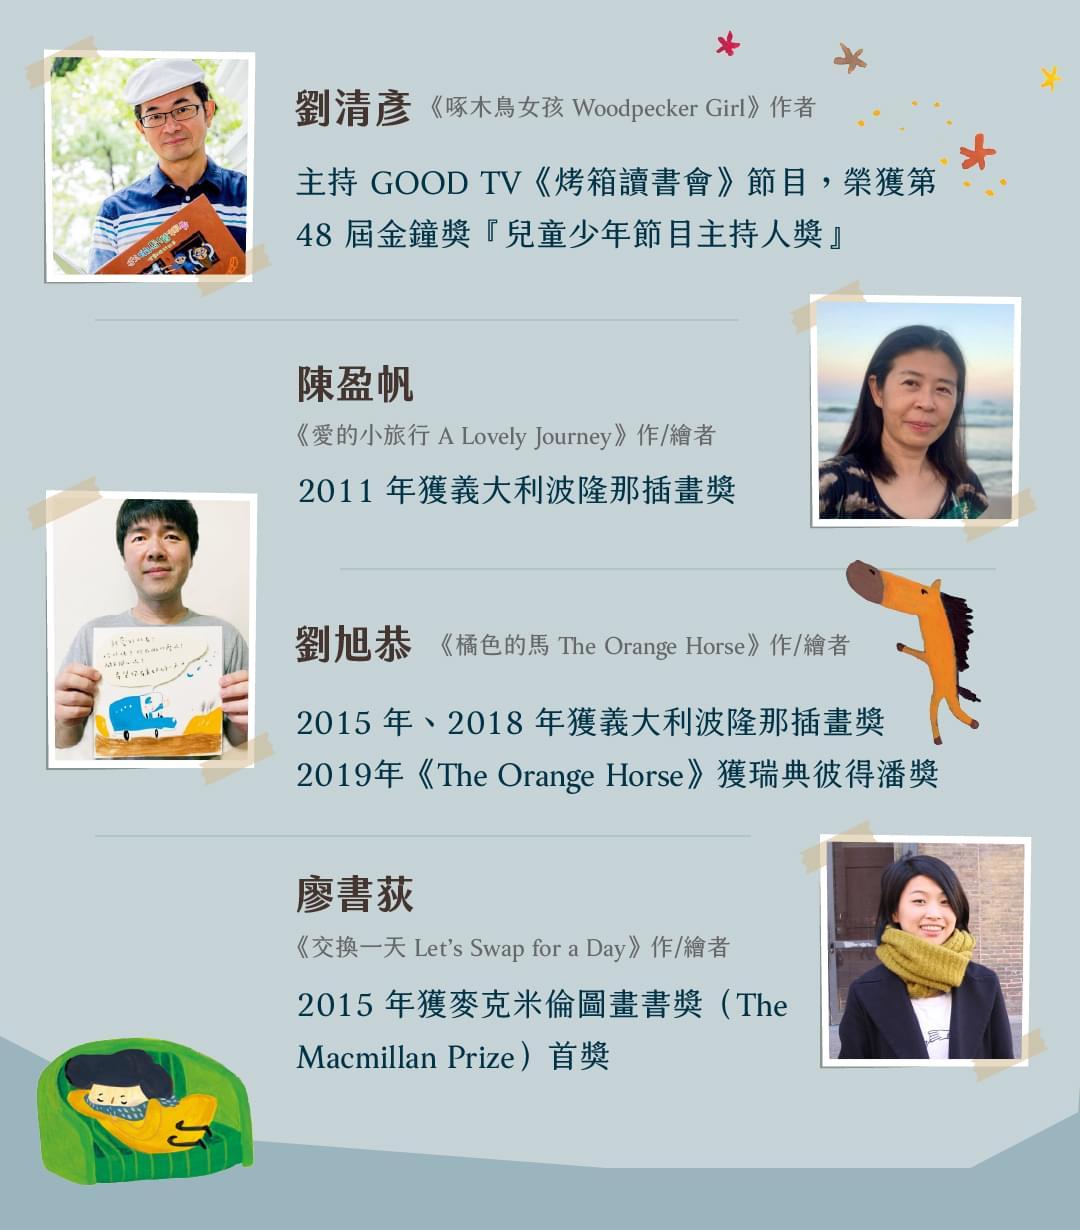 親子共讀雙語繪本課 - 台灣之光!繪本背後的大功臣